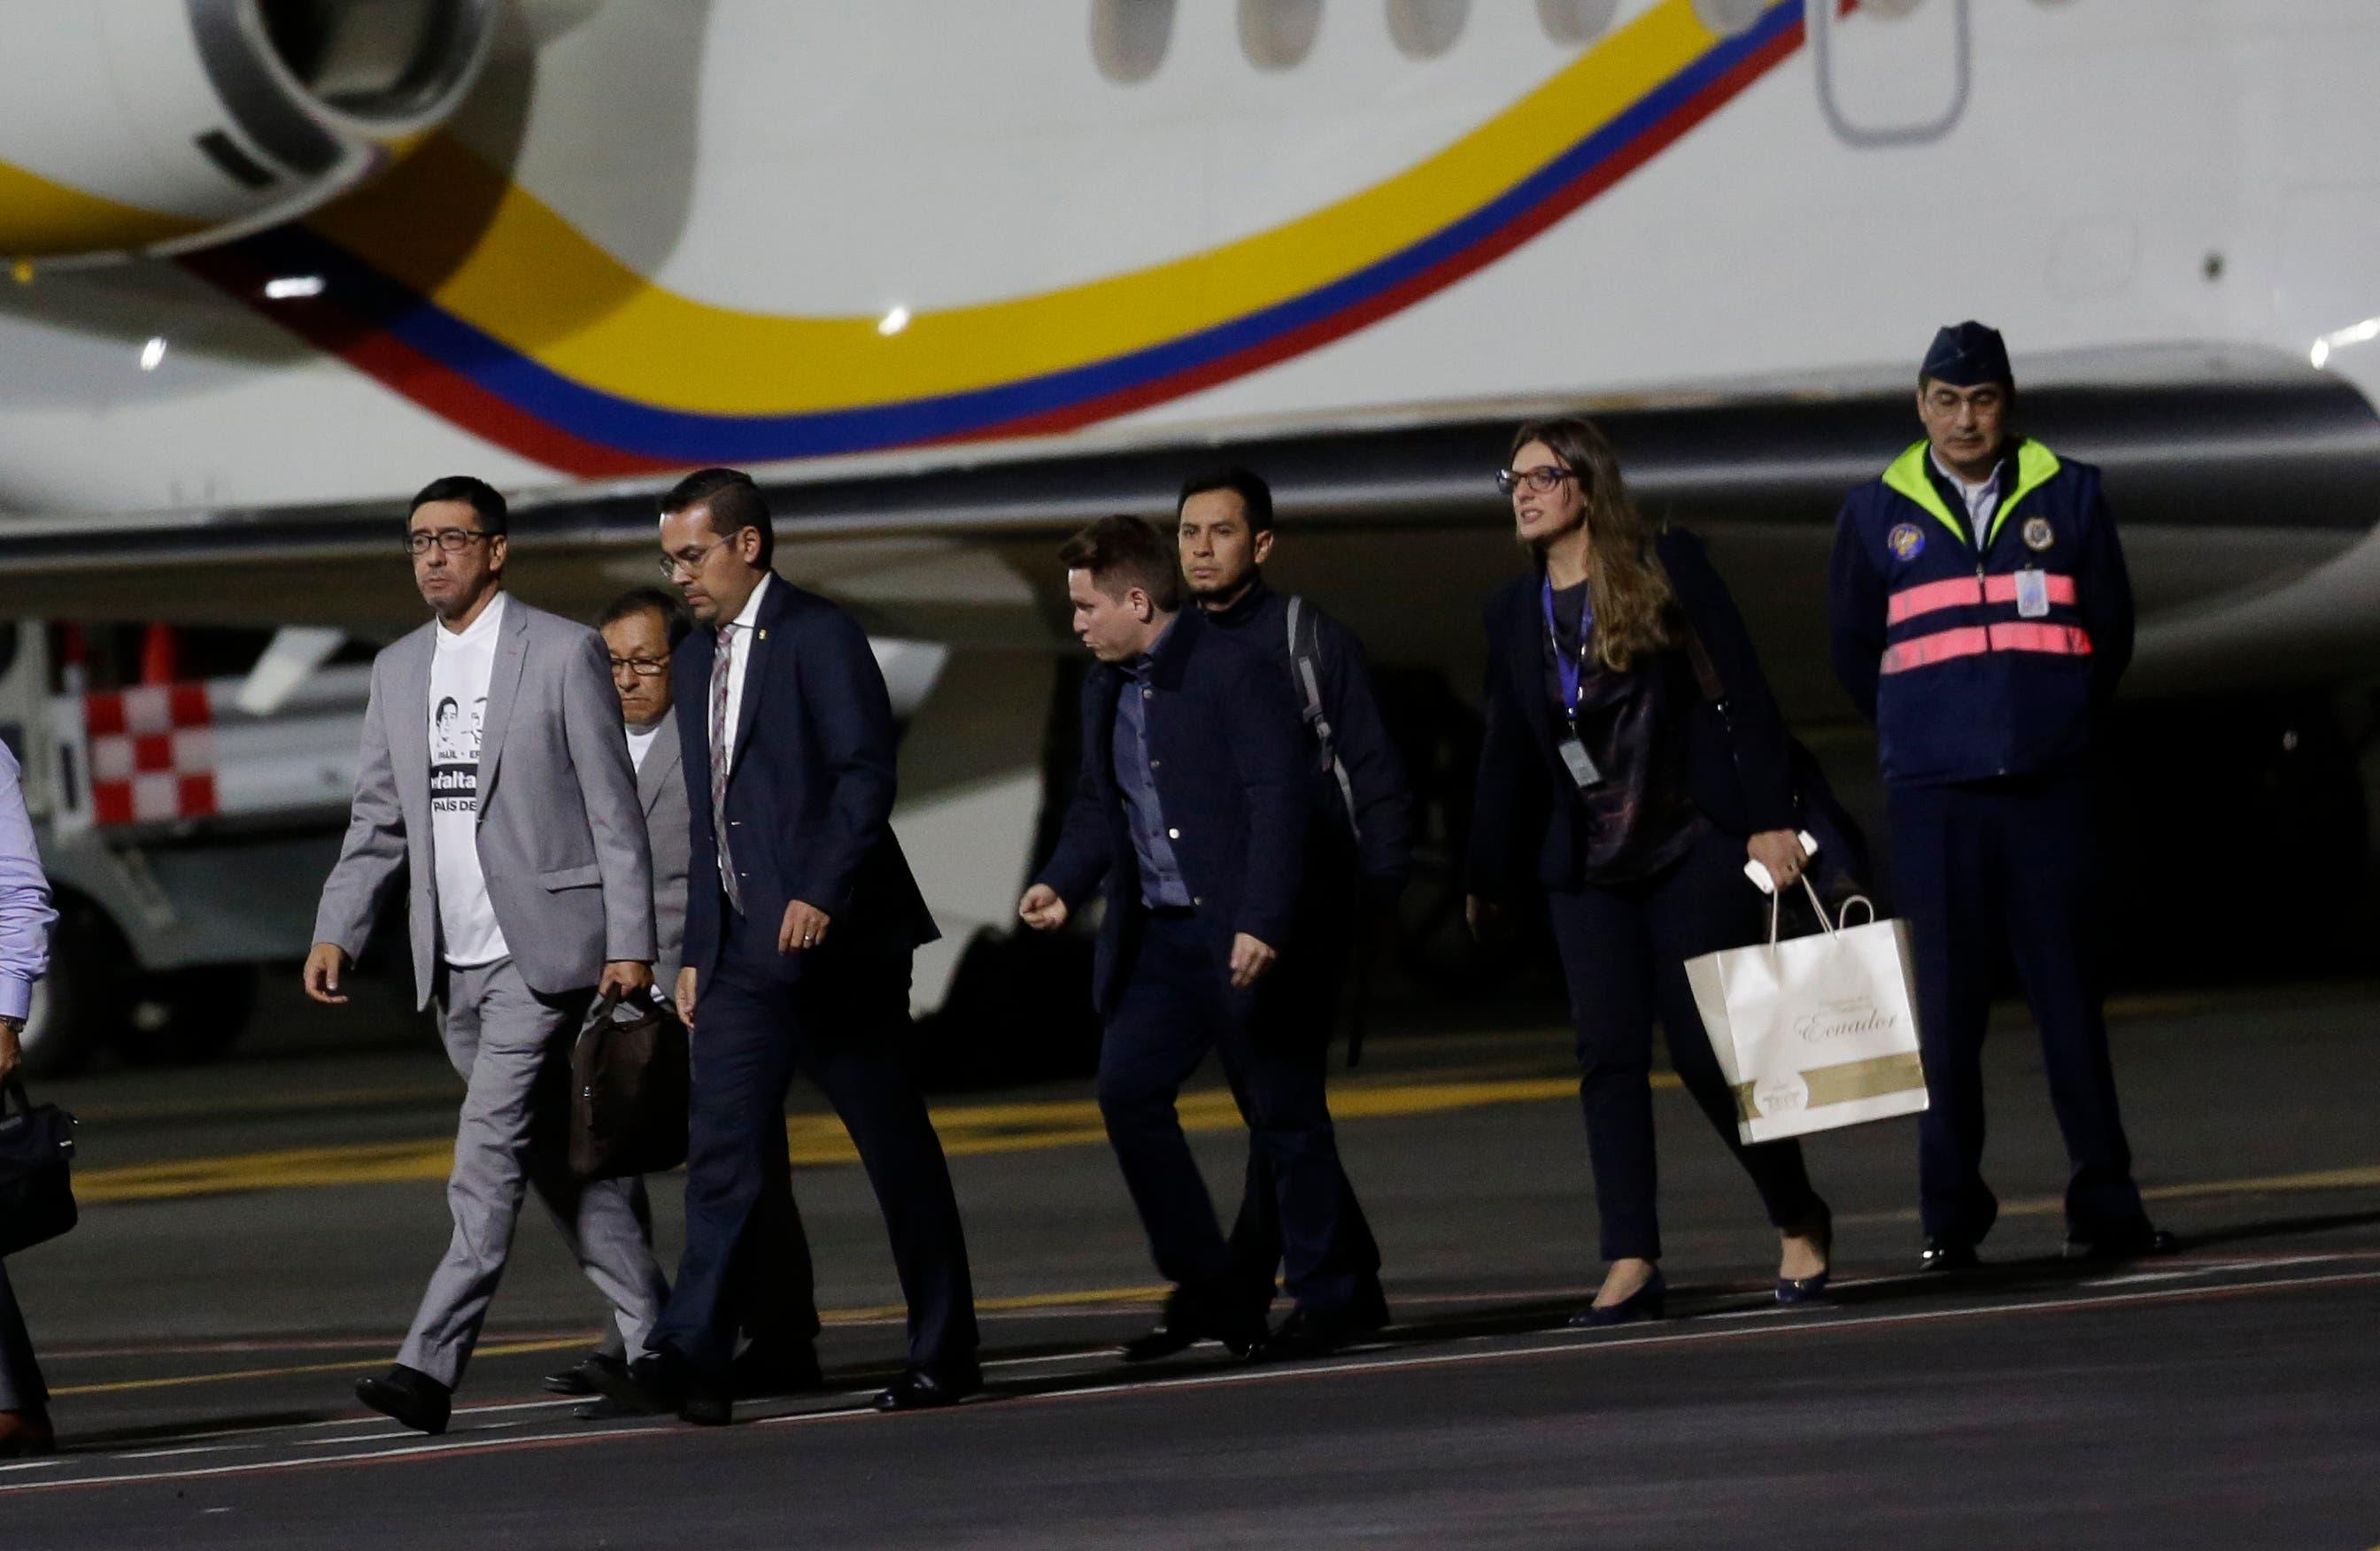 Ricardo Rivas, izquierda, hermano del fotógrafo Paul Rivas; y Galo Ortega, parcialmente oscurecido, segundo desde la izquierda, padre del periodista Javier Ortega, se alejó de un avión después de llegar a Quito, Ecuador, desde Lima, Perú, el jueves 12 de abril de 2018. El presidente de Ecuador, Lenin Moreno, dijo que es muy probable que tres trabajadores de la prensa secuestrados a lo largo de la frontera conflictiva con Colombia fueron asesinados y dieron a sus captores 12 horas para demostrar que siguen vivos antes de ordenar una importante operación militar contra ellos. (Foto AP / Dolores Ochoa)